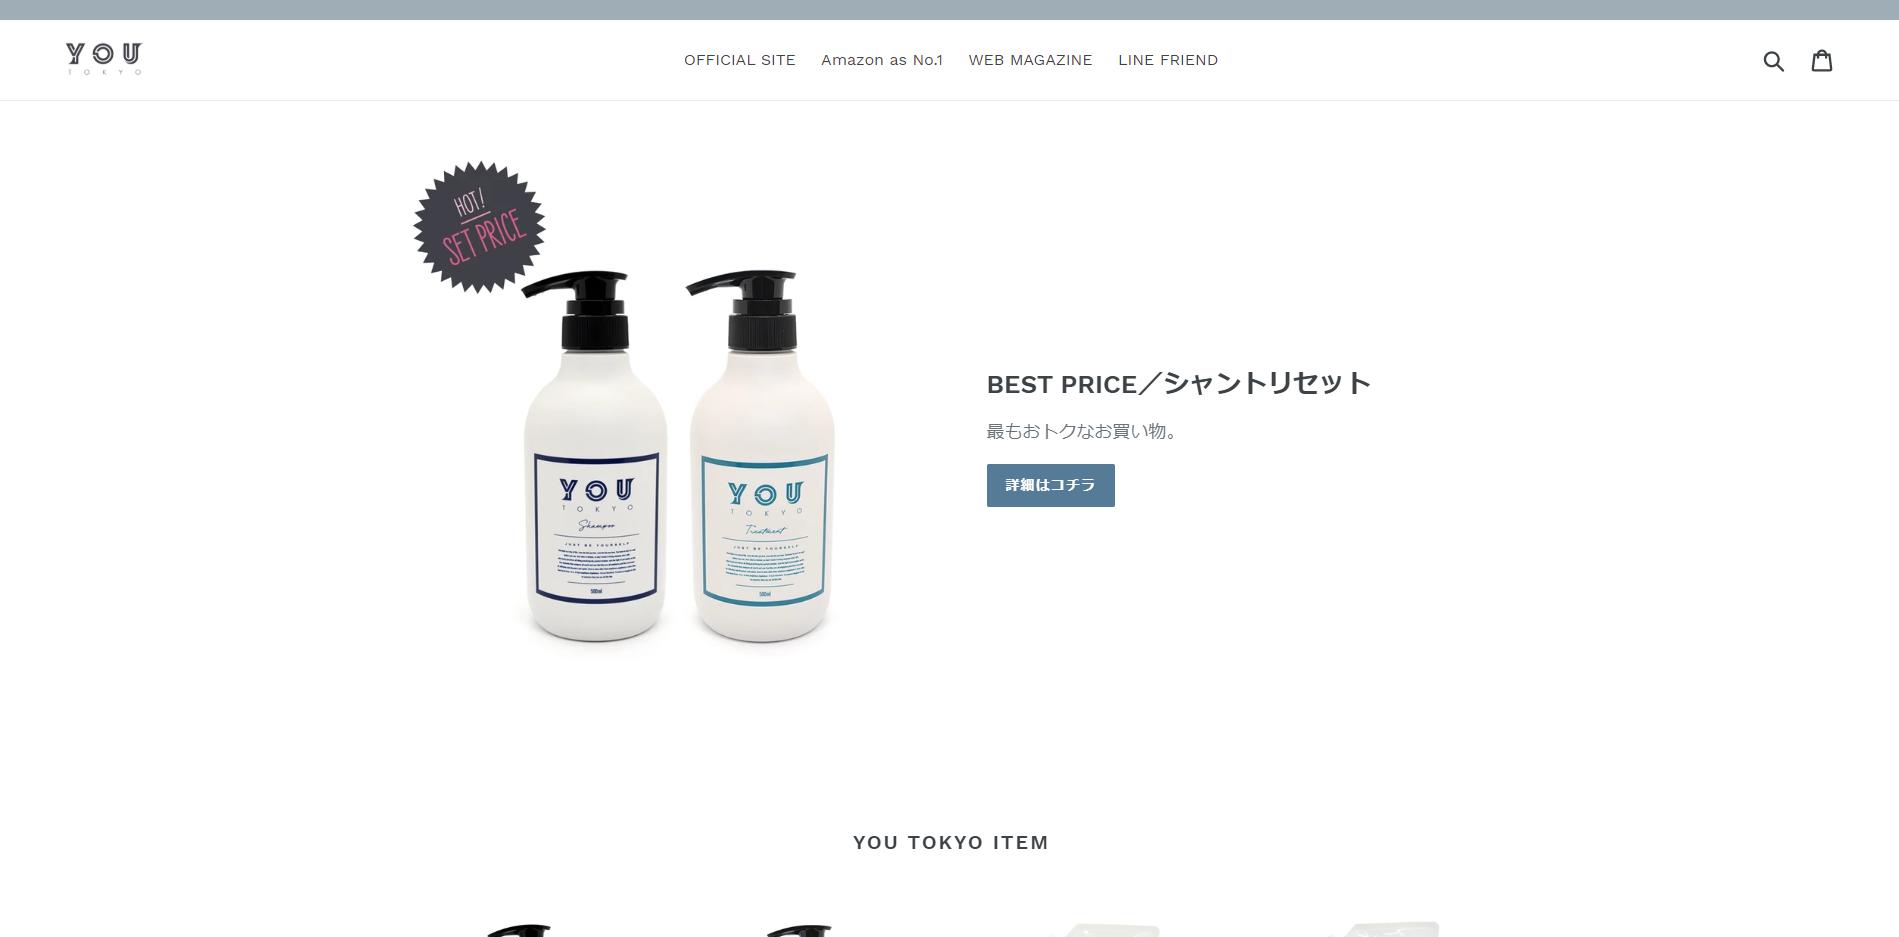 【公式】YOU TOKYO/ユートーキョー